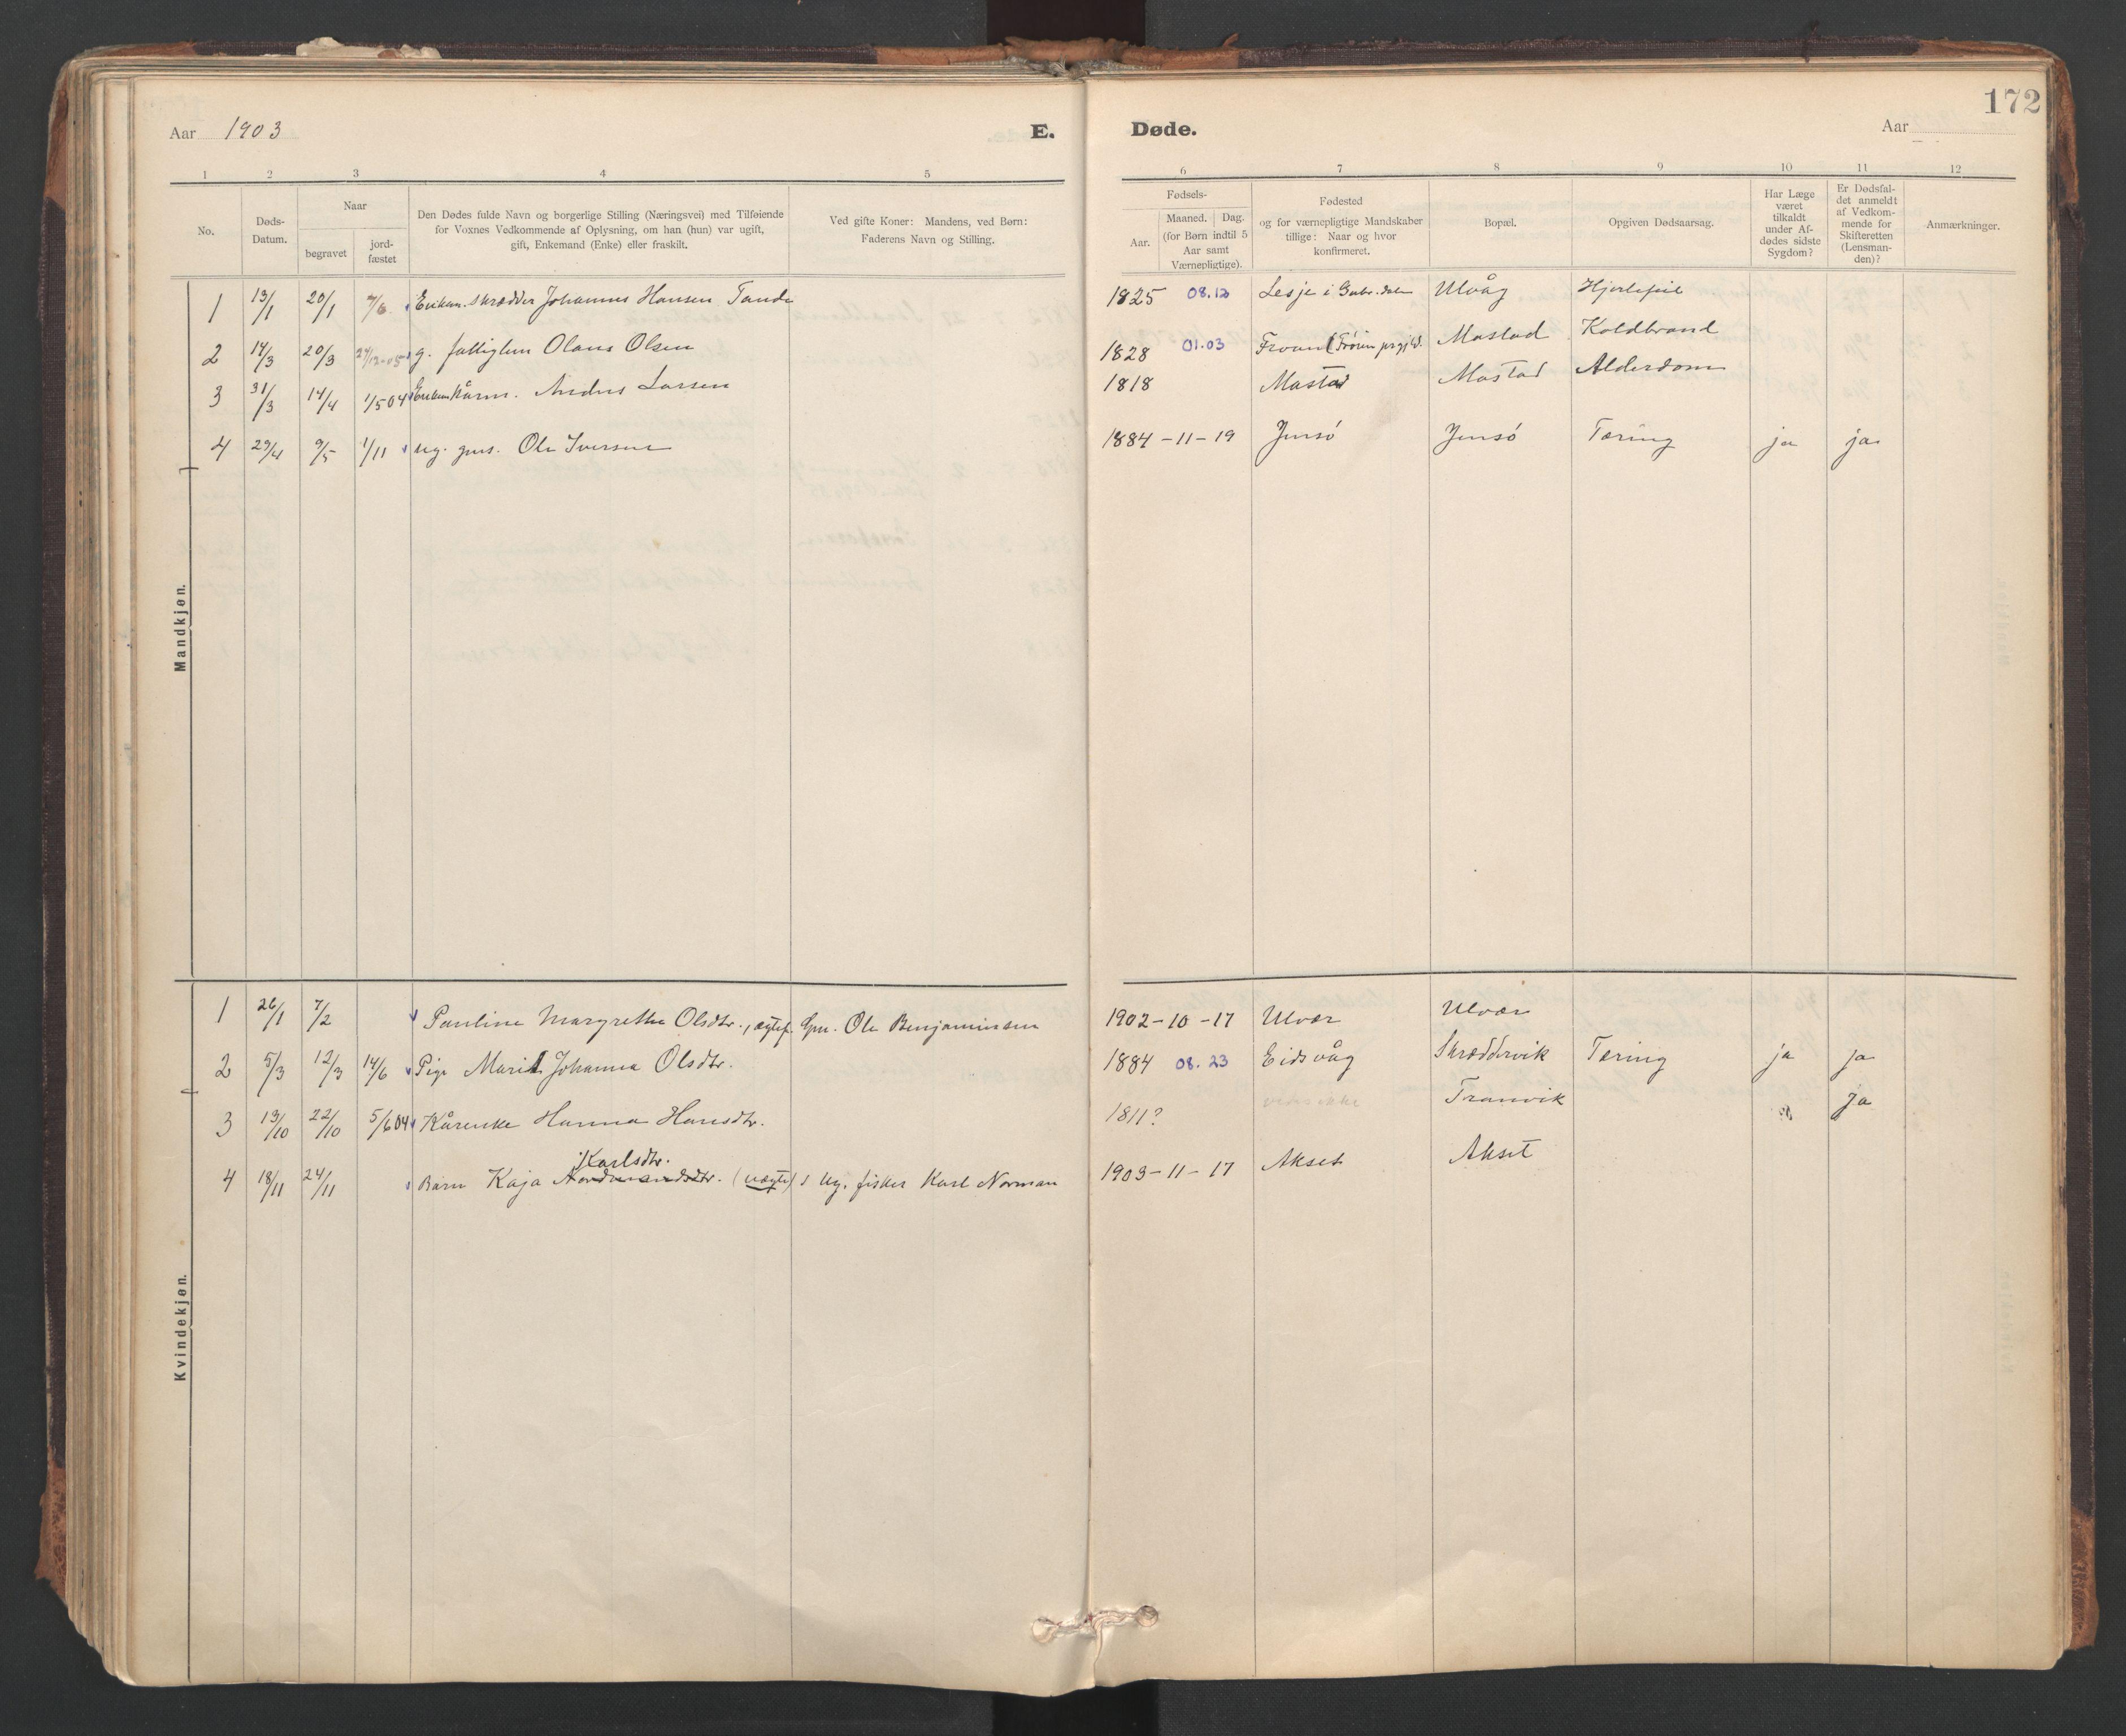 SAT, Ministerialprotokoller, klokkerbøker og fødselsregistre - Sør-Trøndelag, 637/L0559: Ministerialbok nr. 637A02, 1899-1923, s. 172